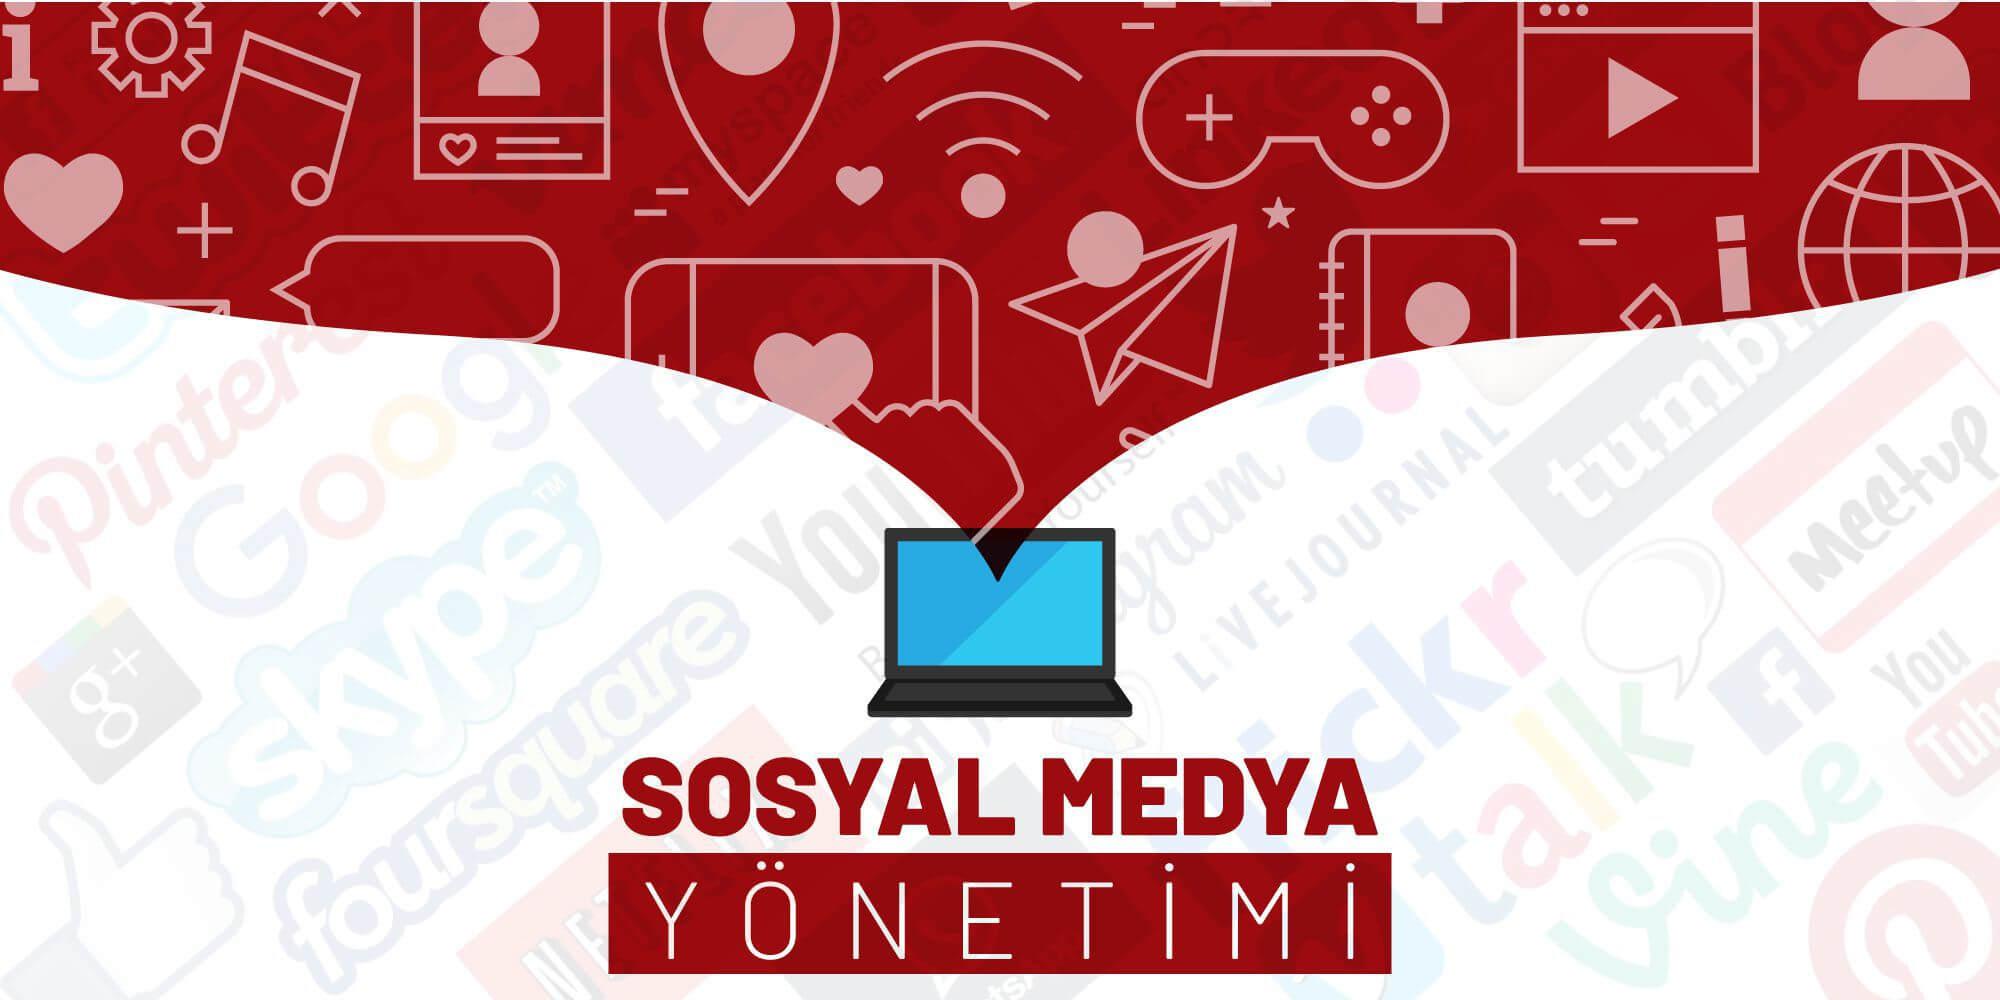 Vanda Sosyal Medya Hizmetleri, Van sosyal, Sosyal medya ajansı, İçerik yönetimi